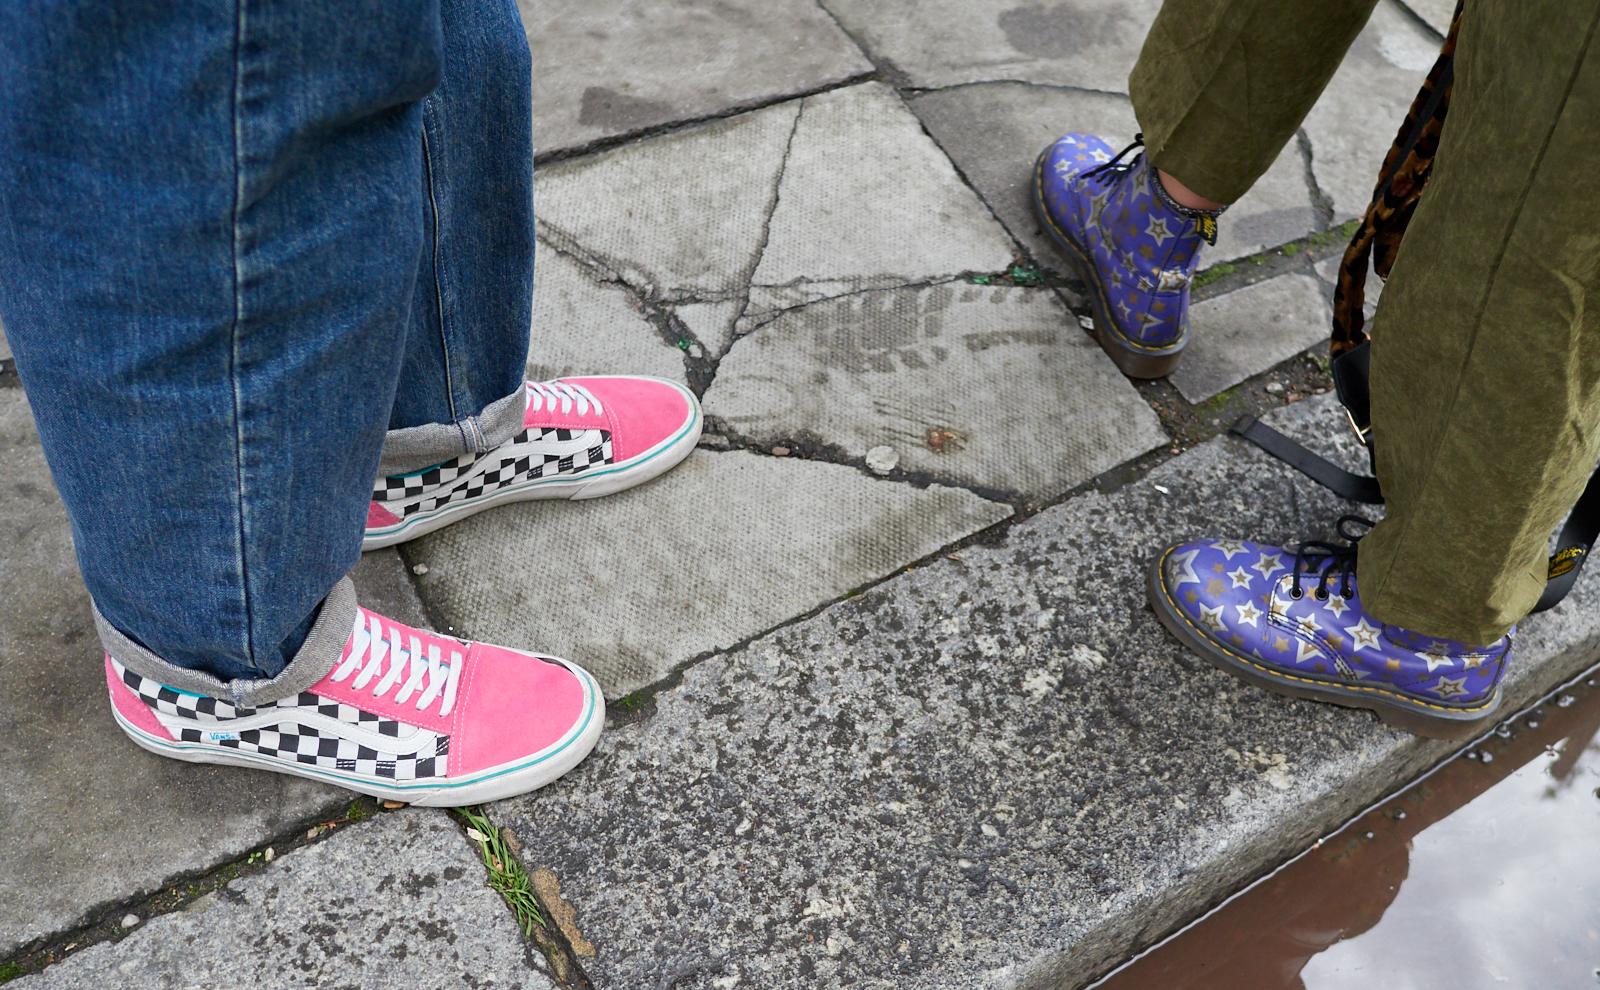 Shoes1600x1200 sRGB 3.jpg